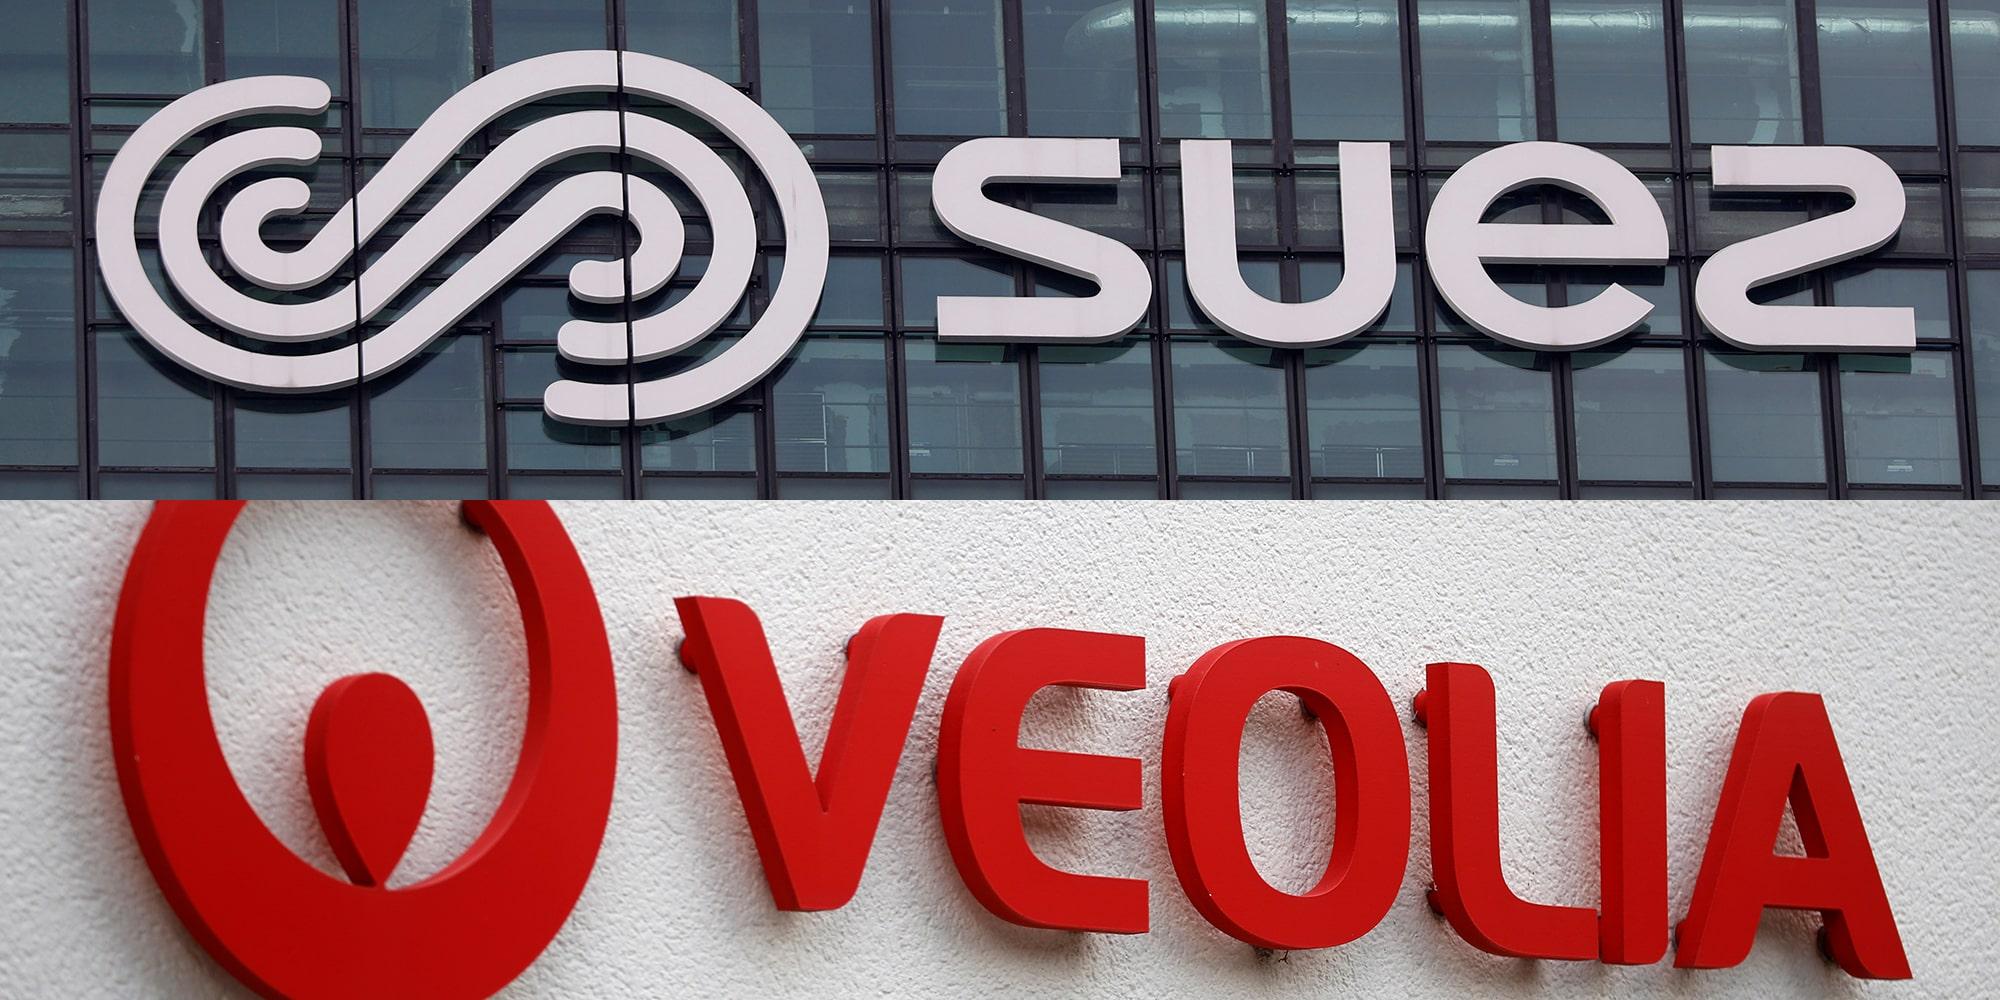 Bercy tente de mettre les PDG Veolia et Suez autour de la table : Frérot ne comptait pas s'y rendre